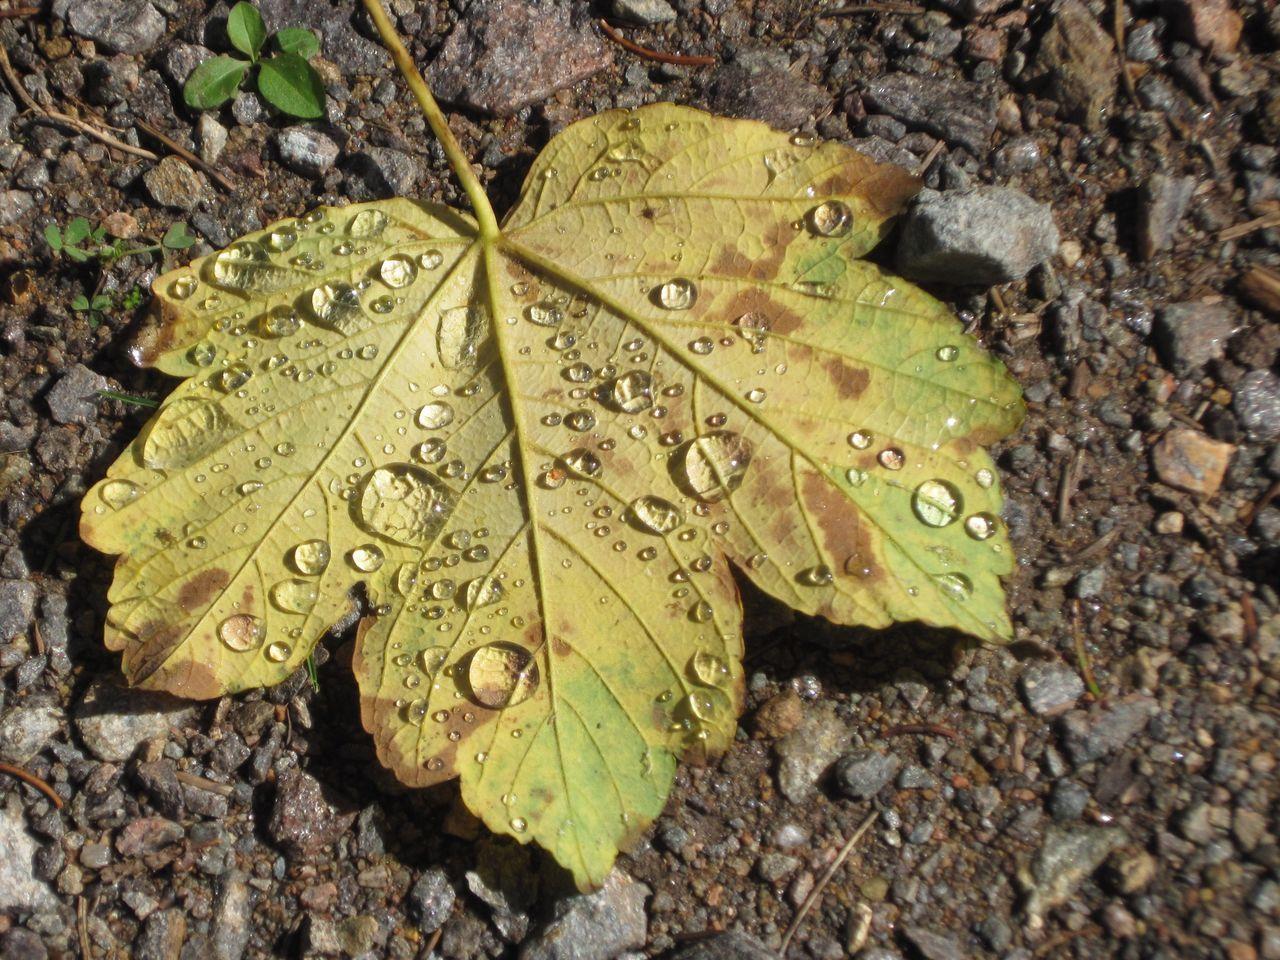 Leaf Dew Dewdrops No Edit/no Filter Blatt Tau Tautropfen Dew #morning #drops #plant #nature